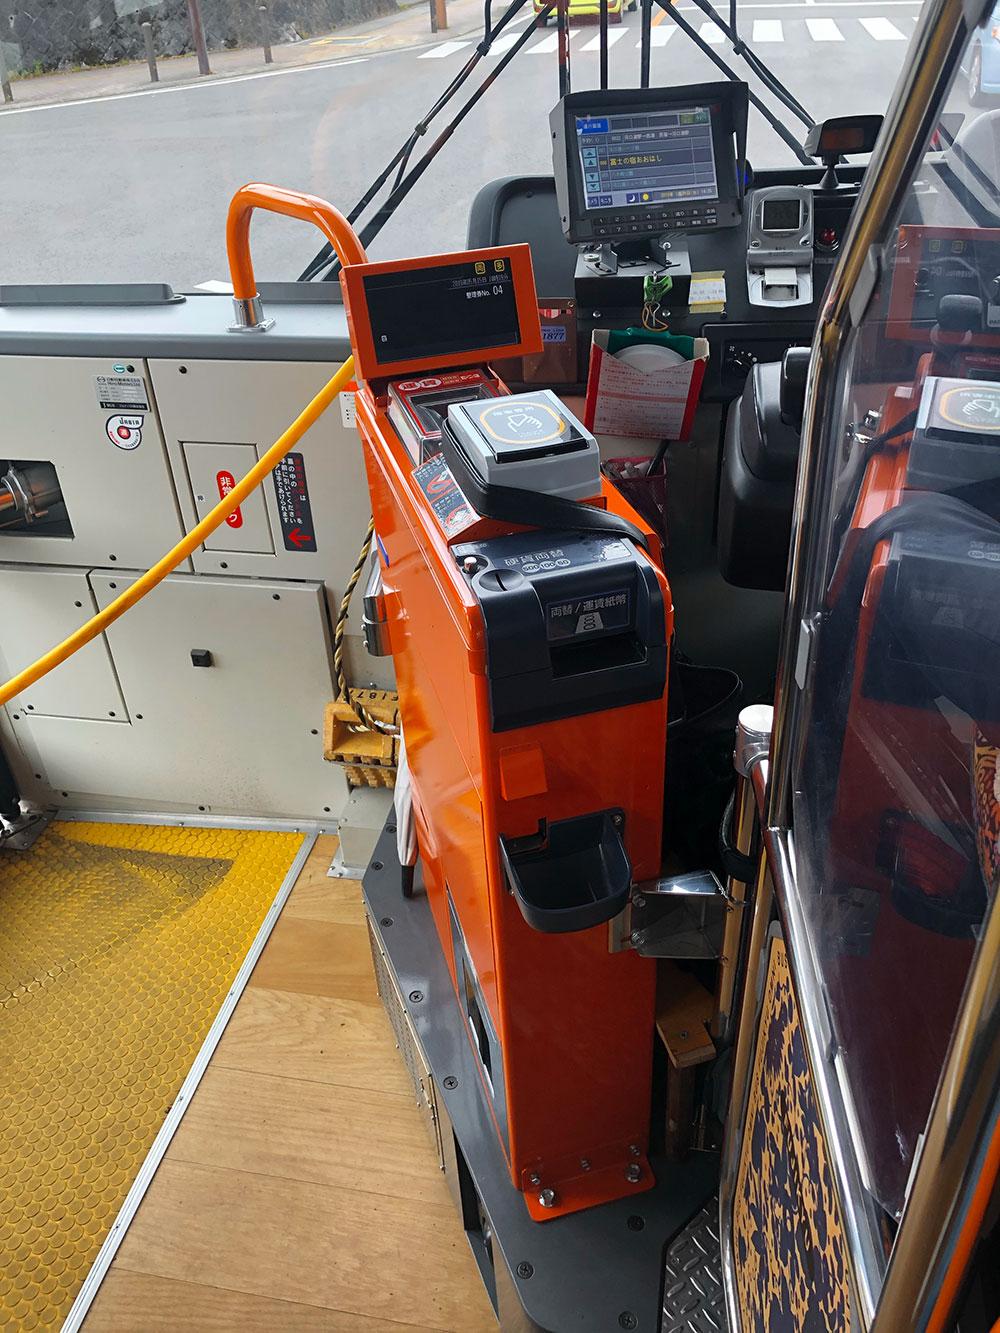 Автомат дляоплаты проезда на выходе из автобуса сам считает загруженную в него горстью мелочь и дает сдачу